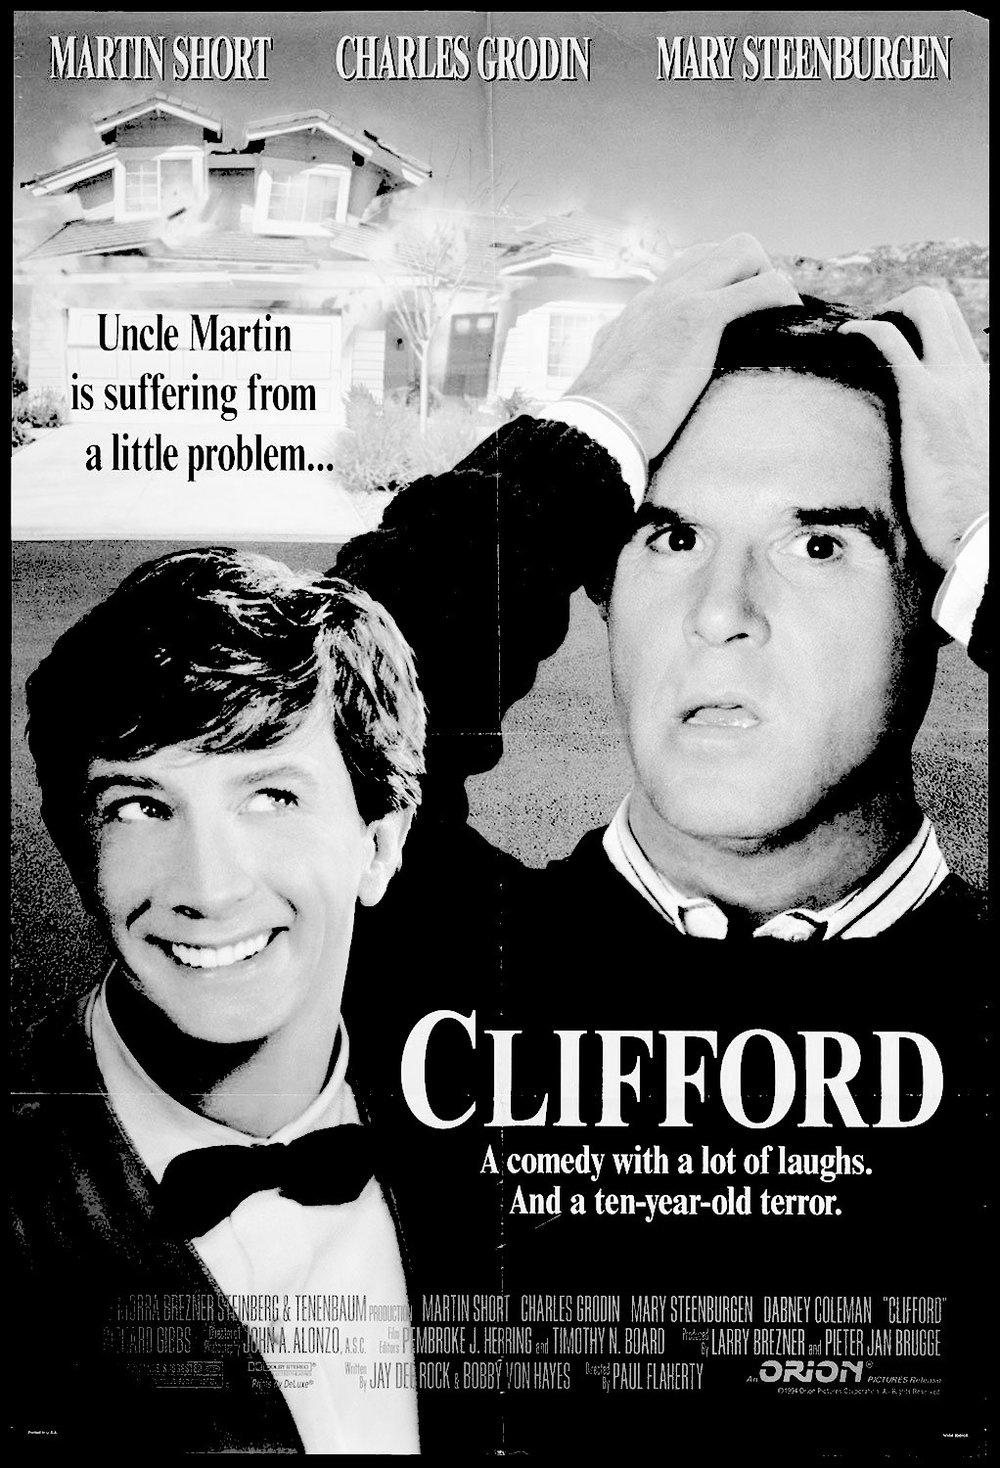 clifford-martin-short-film-score-composer-richard-gibbs.jpg